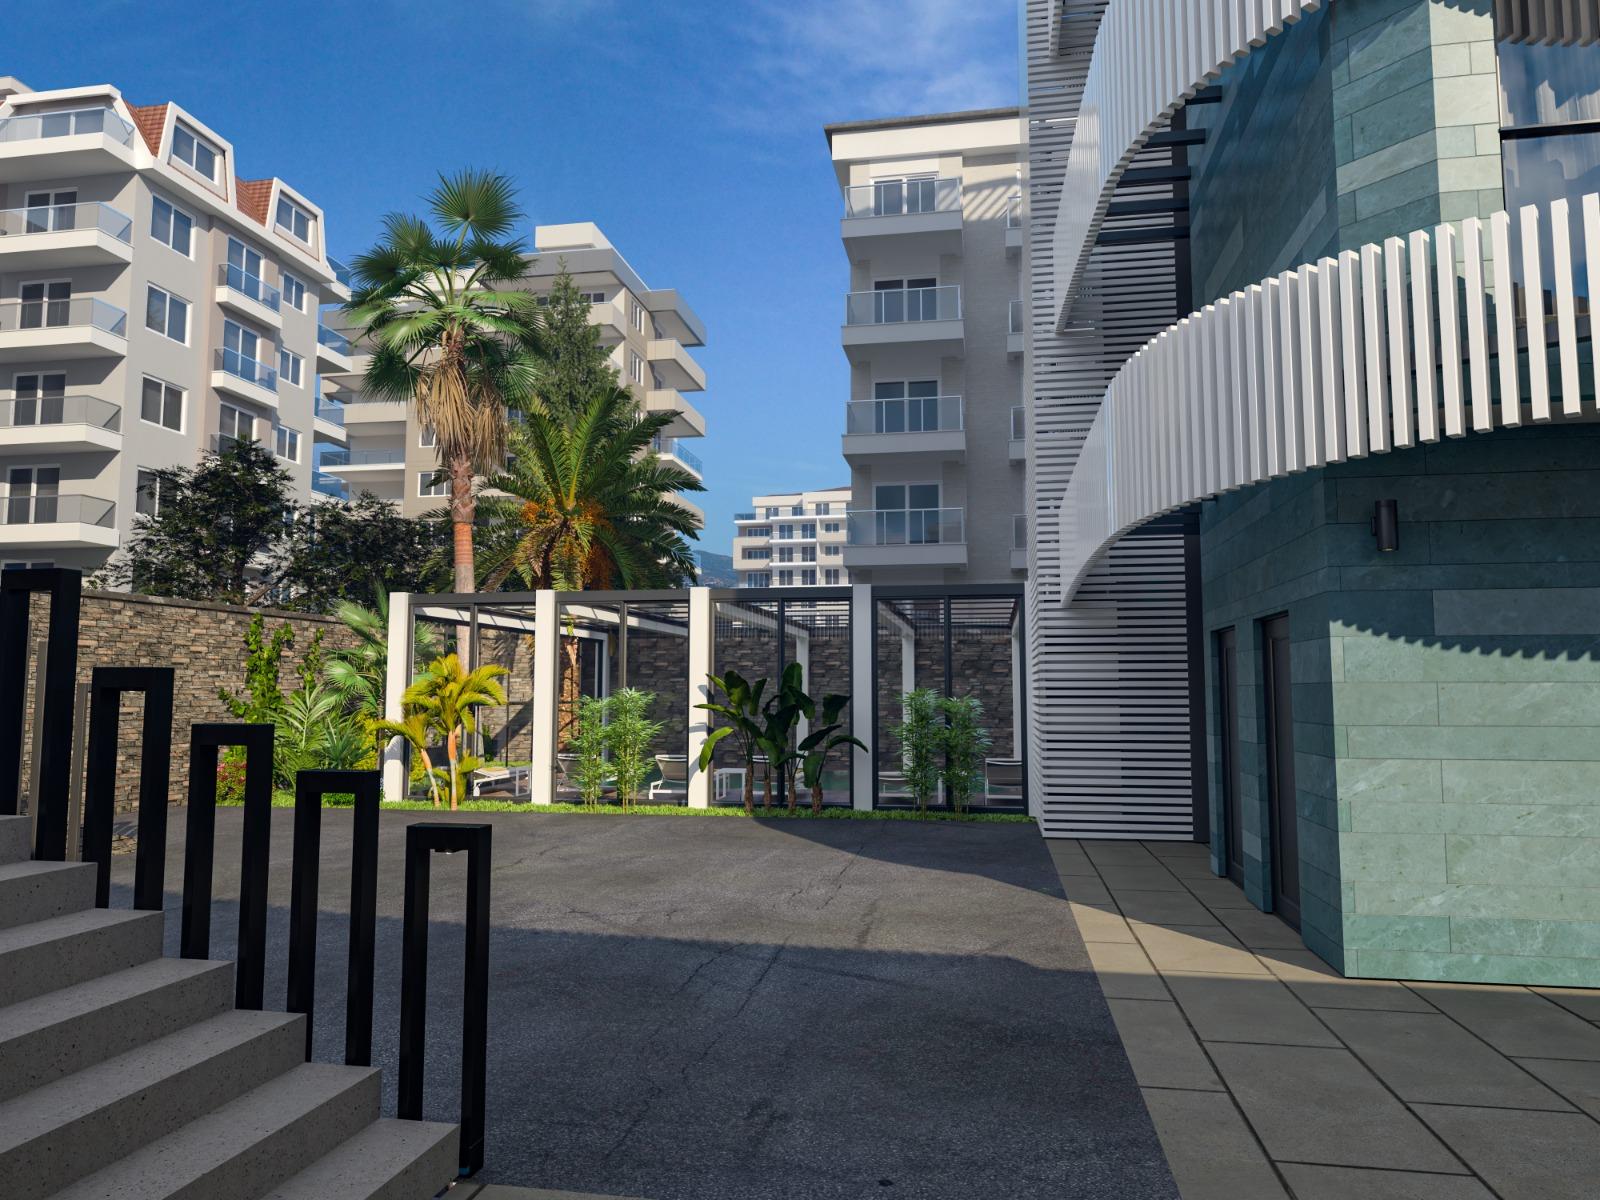 Роскошные квартиры с видом на Средиземное море в элитном районе - Фото 11